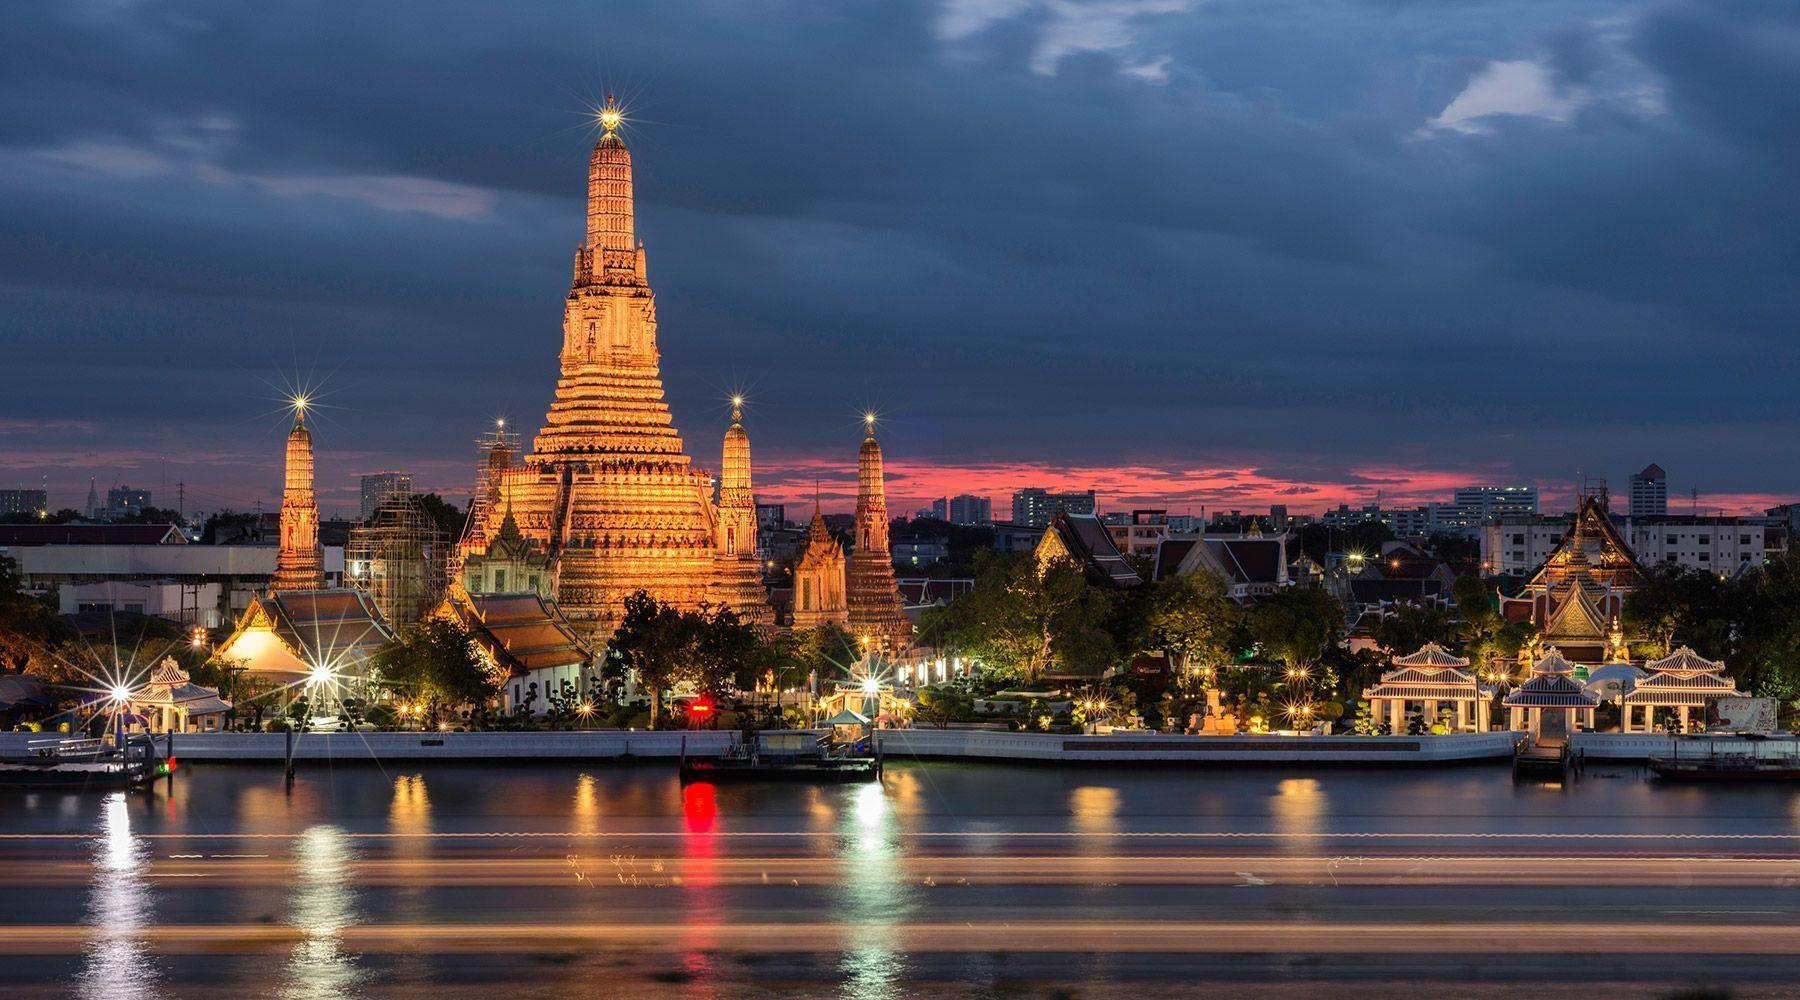 أفضل عروض السياحة في تايلاند